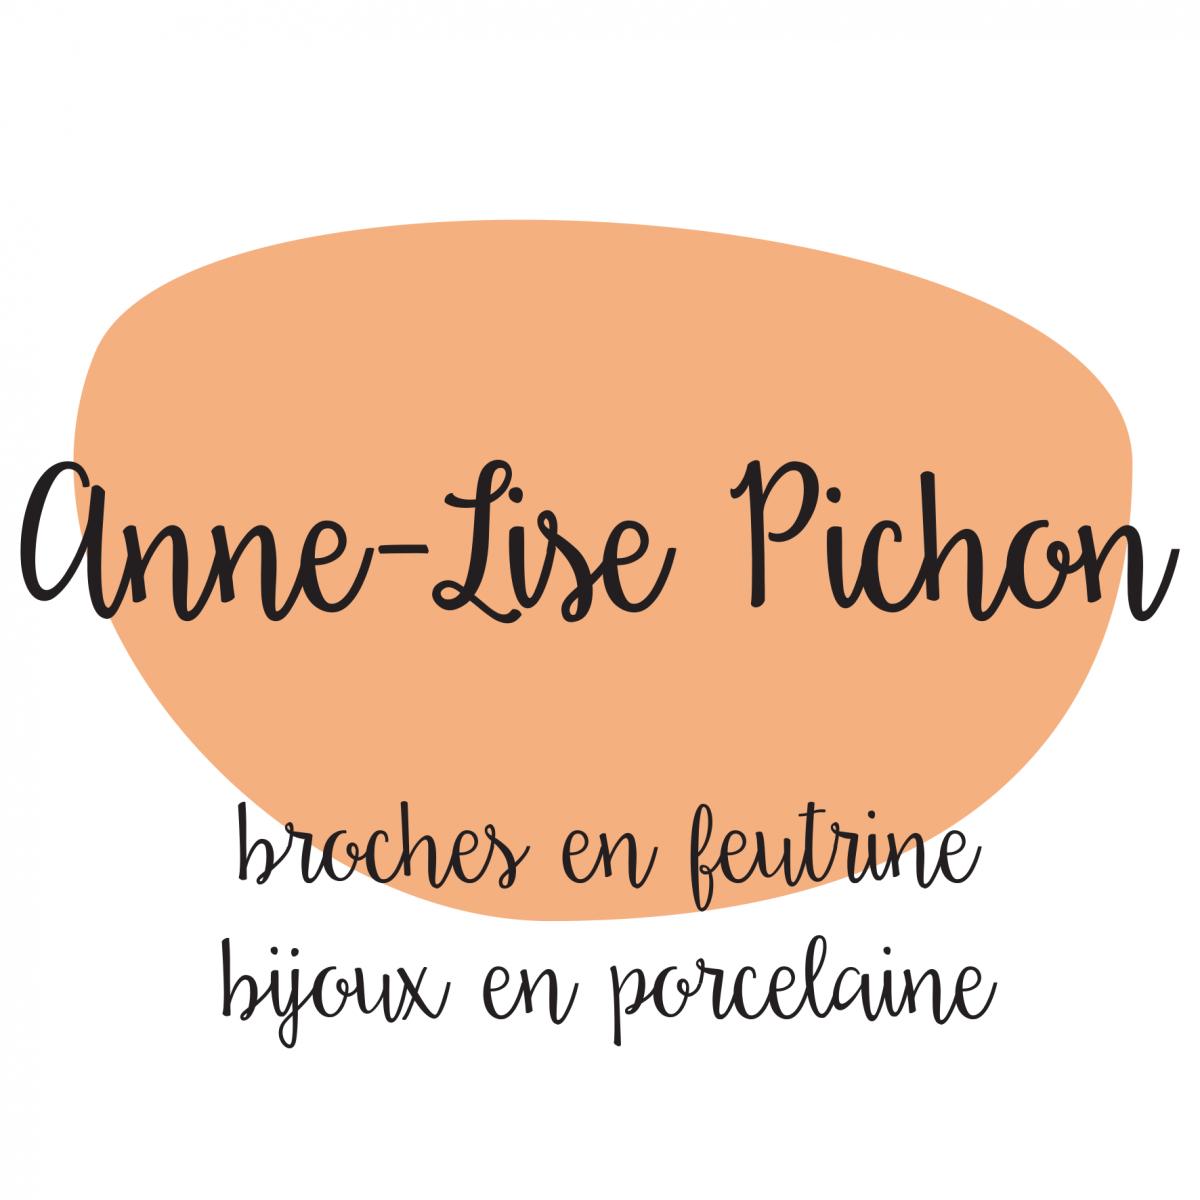 Anne-Lise Pichon